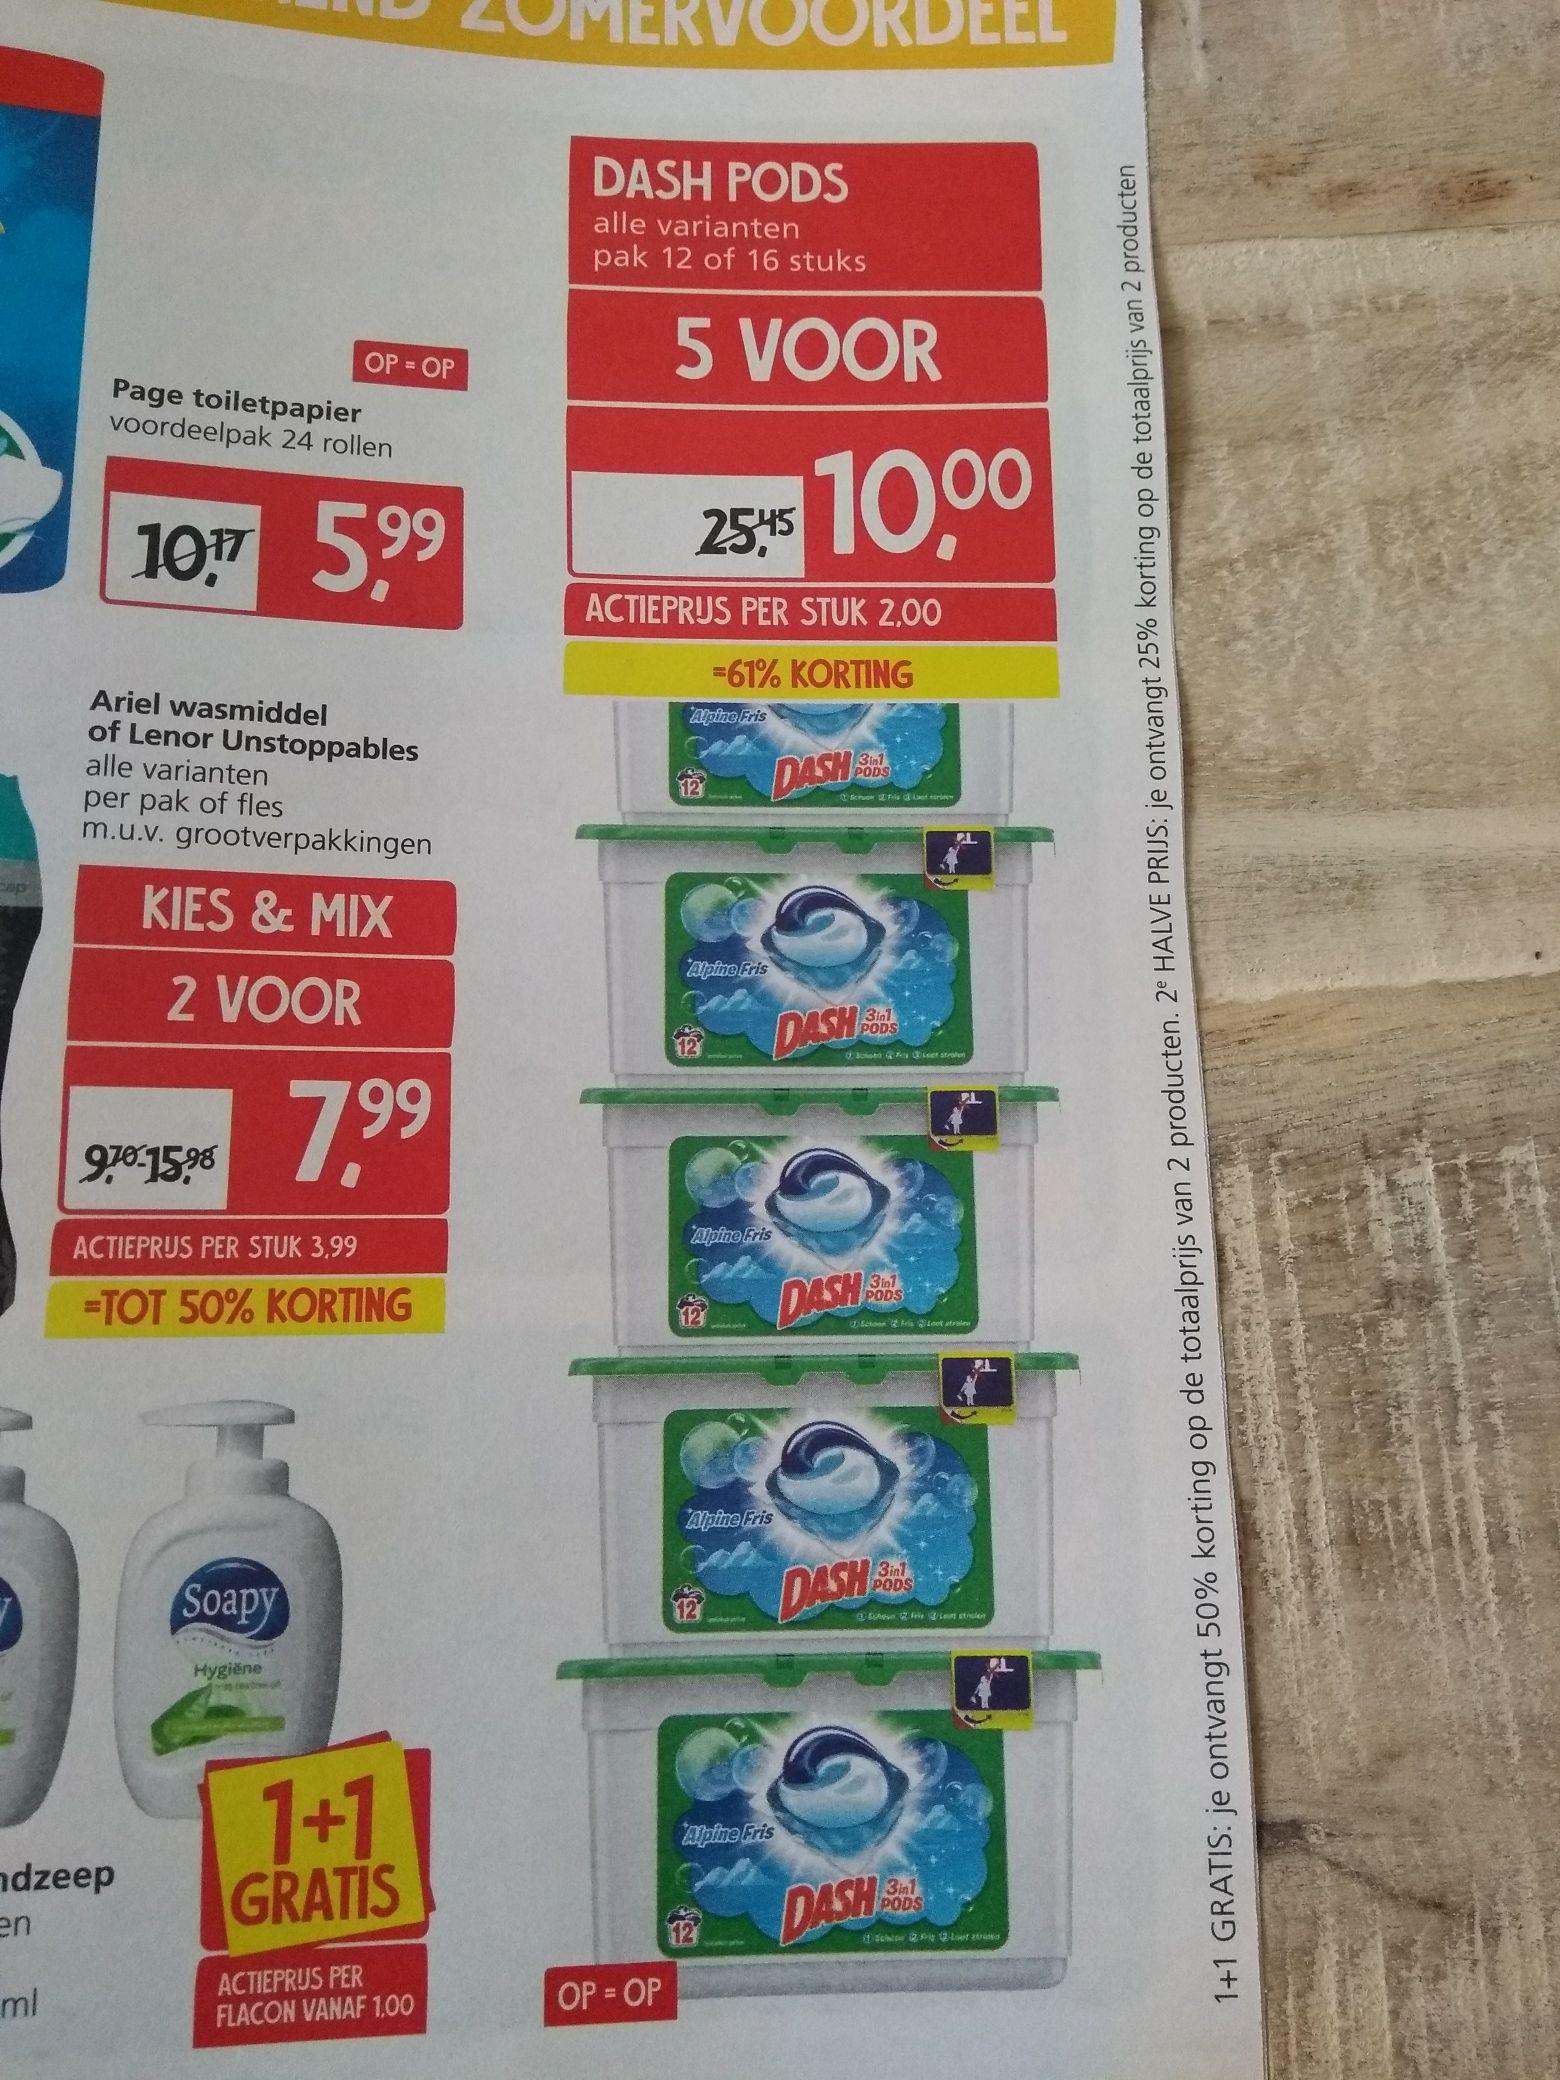 Dash pods alle varianten 12 of 16 stuks. 5 verpakkingen voor €10